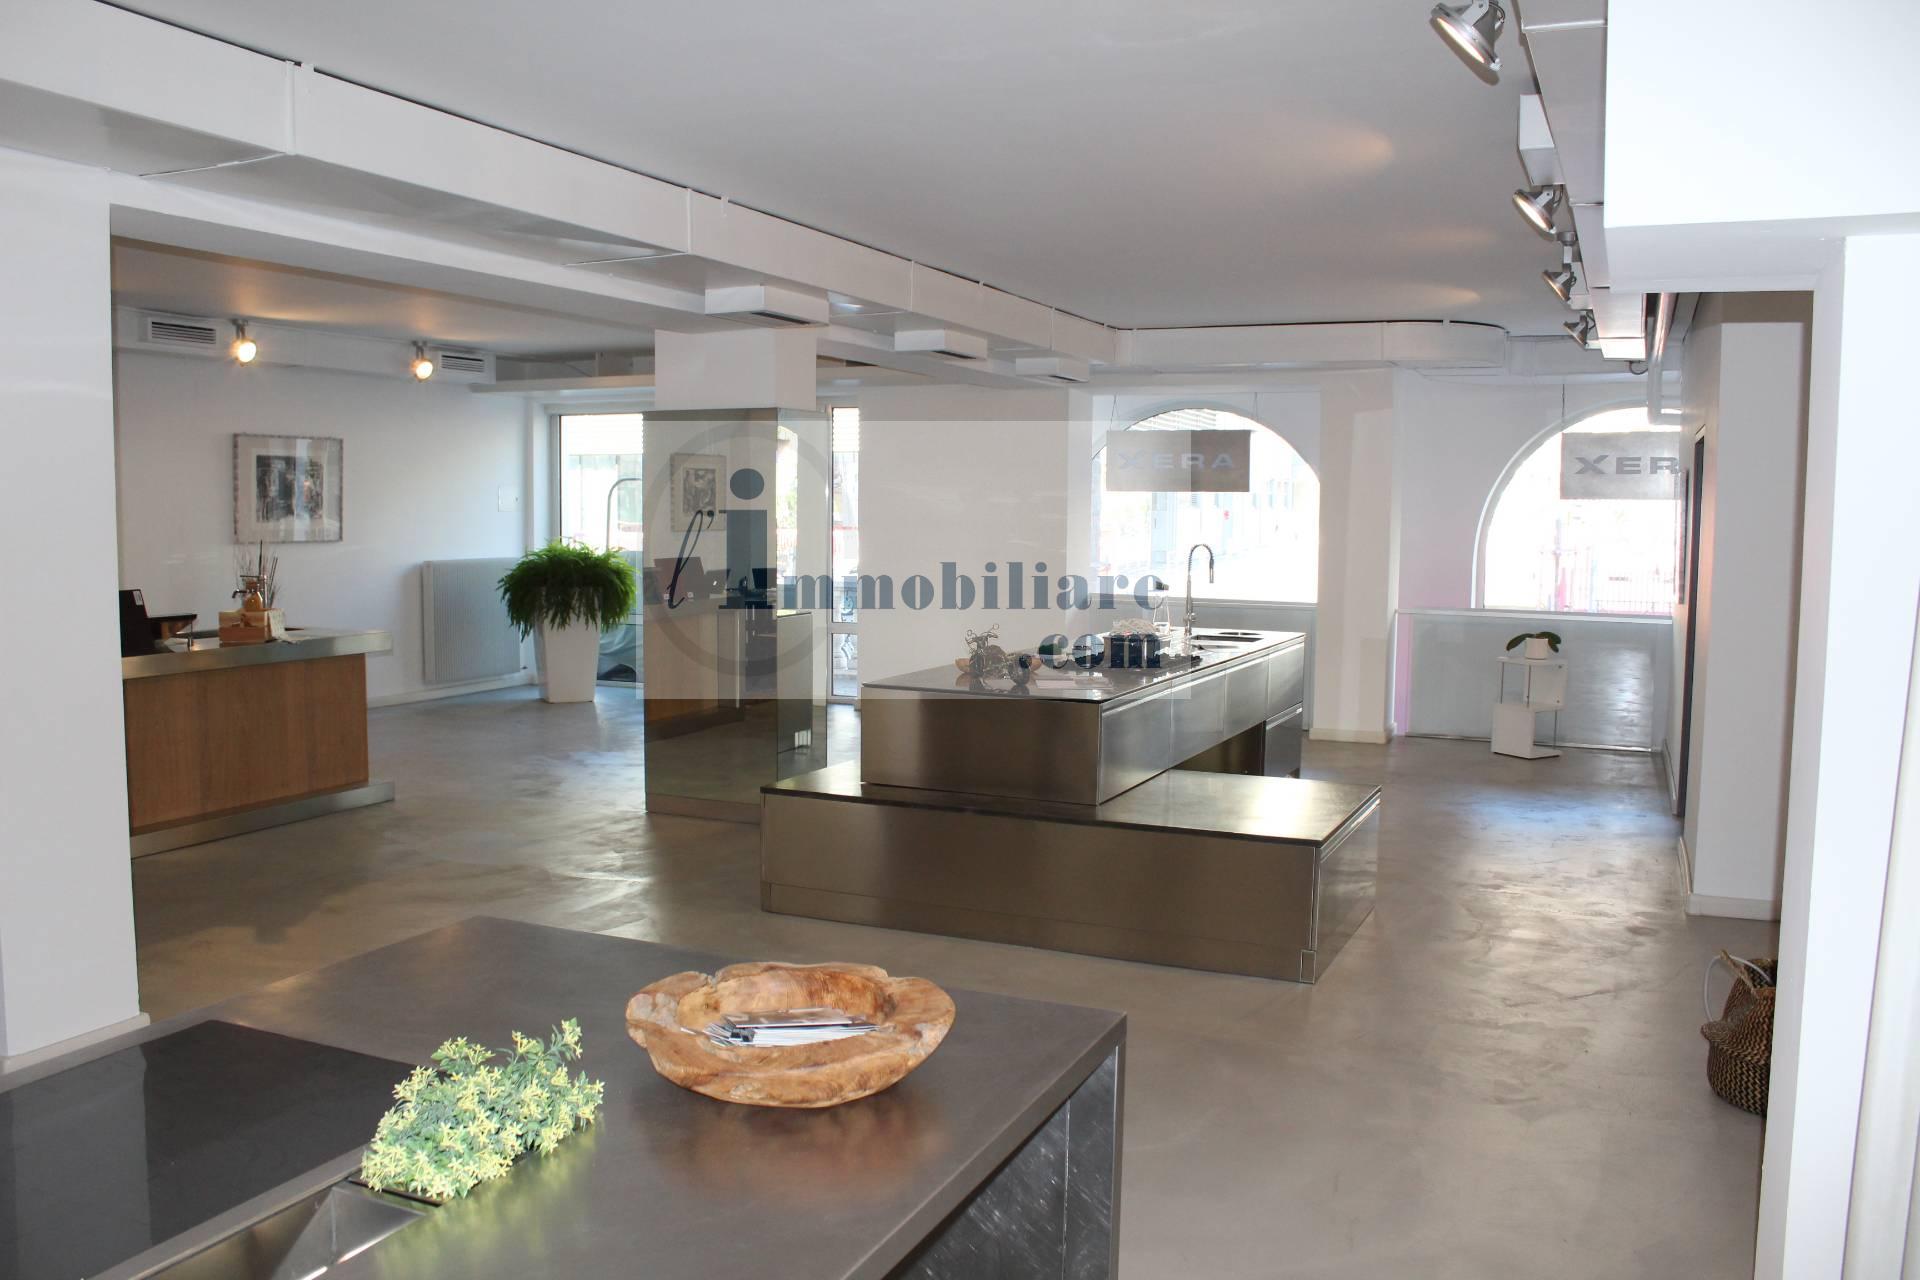 Negozio / Locale in affitto a Bolzano, 9999 locali, zona Zona: Residenziale, prezzo € 2.500 | CambioCasa.it